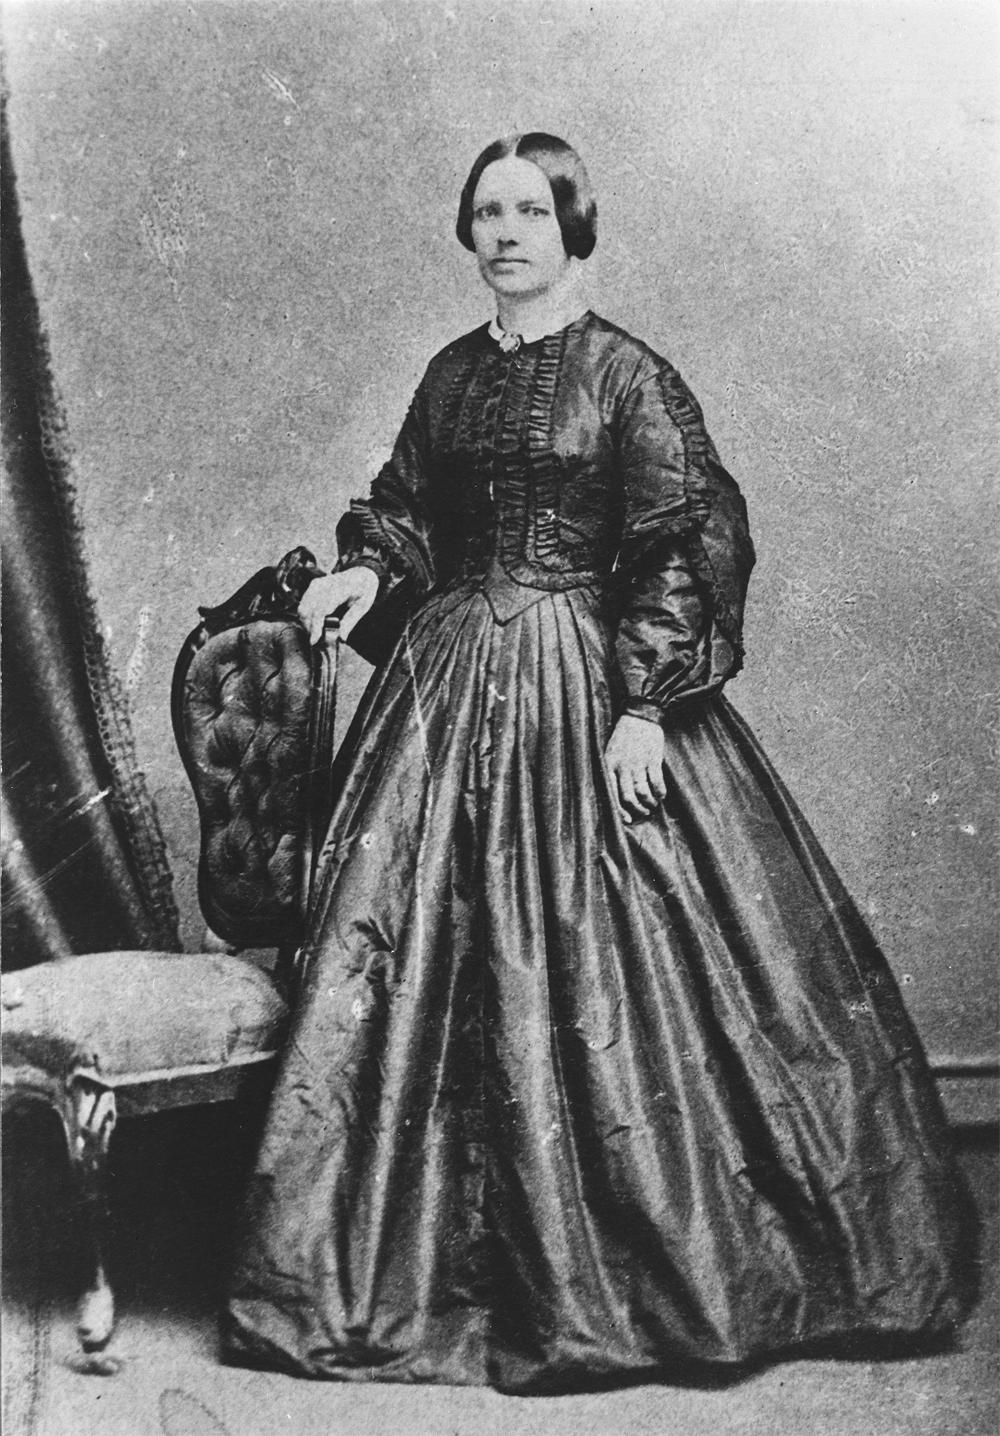 Photo de Lady Strathcona (Isabella Sophia Hardisty) debout près d'une chaise, en tenue de soirée